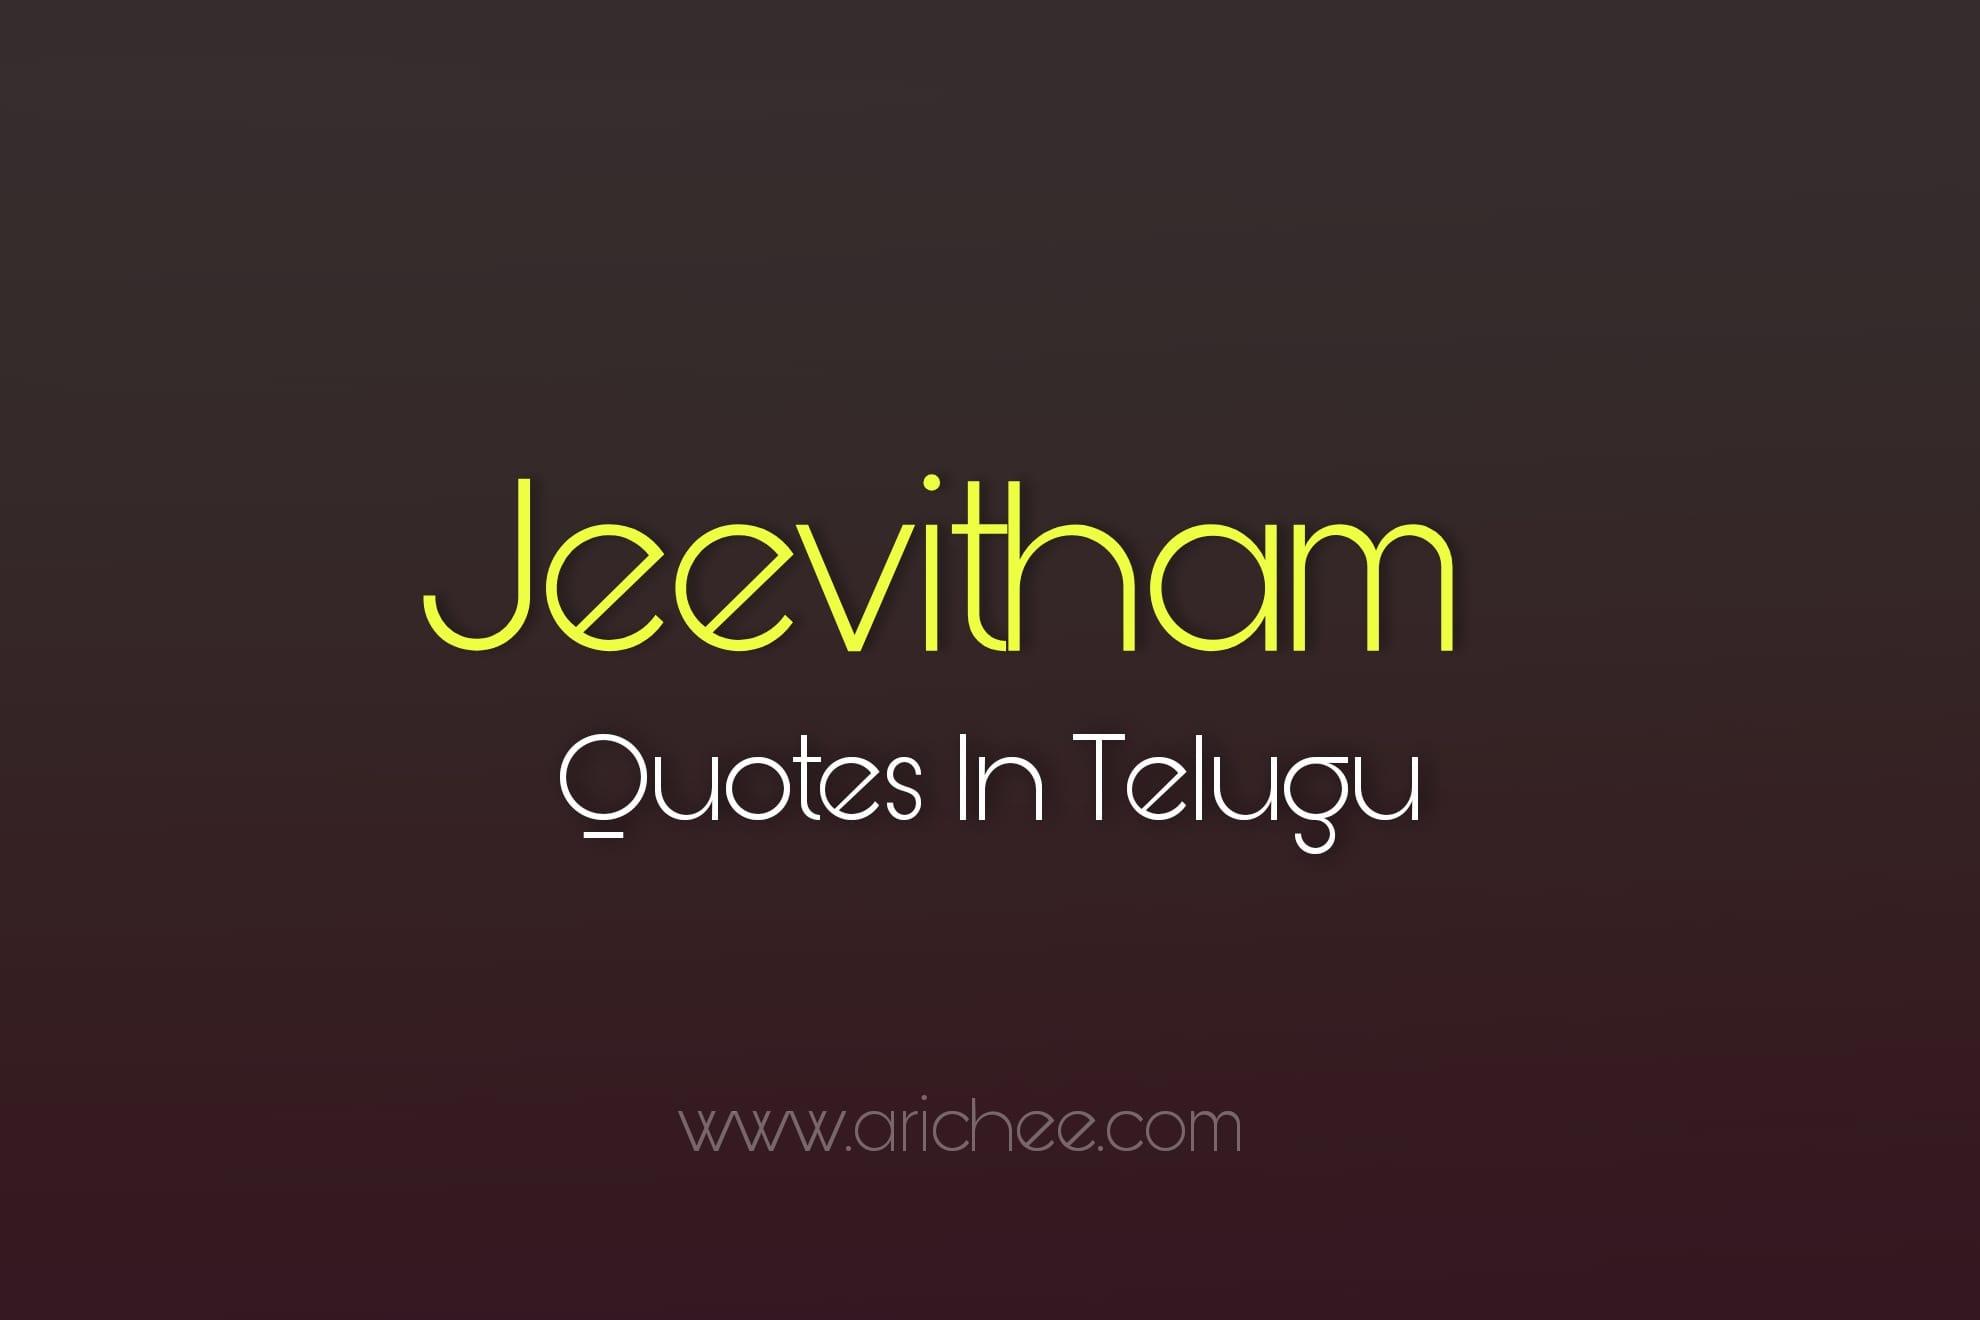 Jeevitham Quotes In Telugu   Deenamma, Ontari, Adapilla Jeevitham Quotes